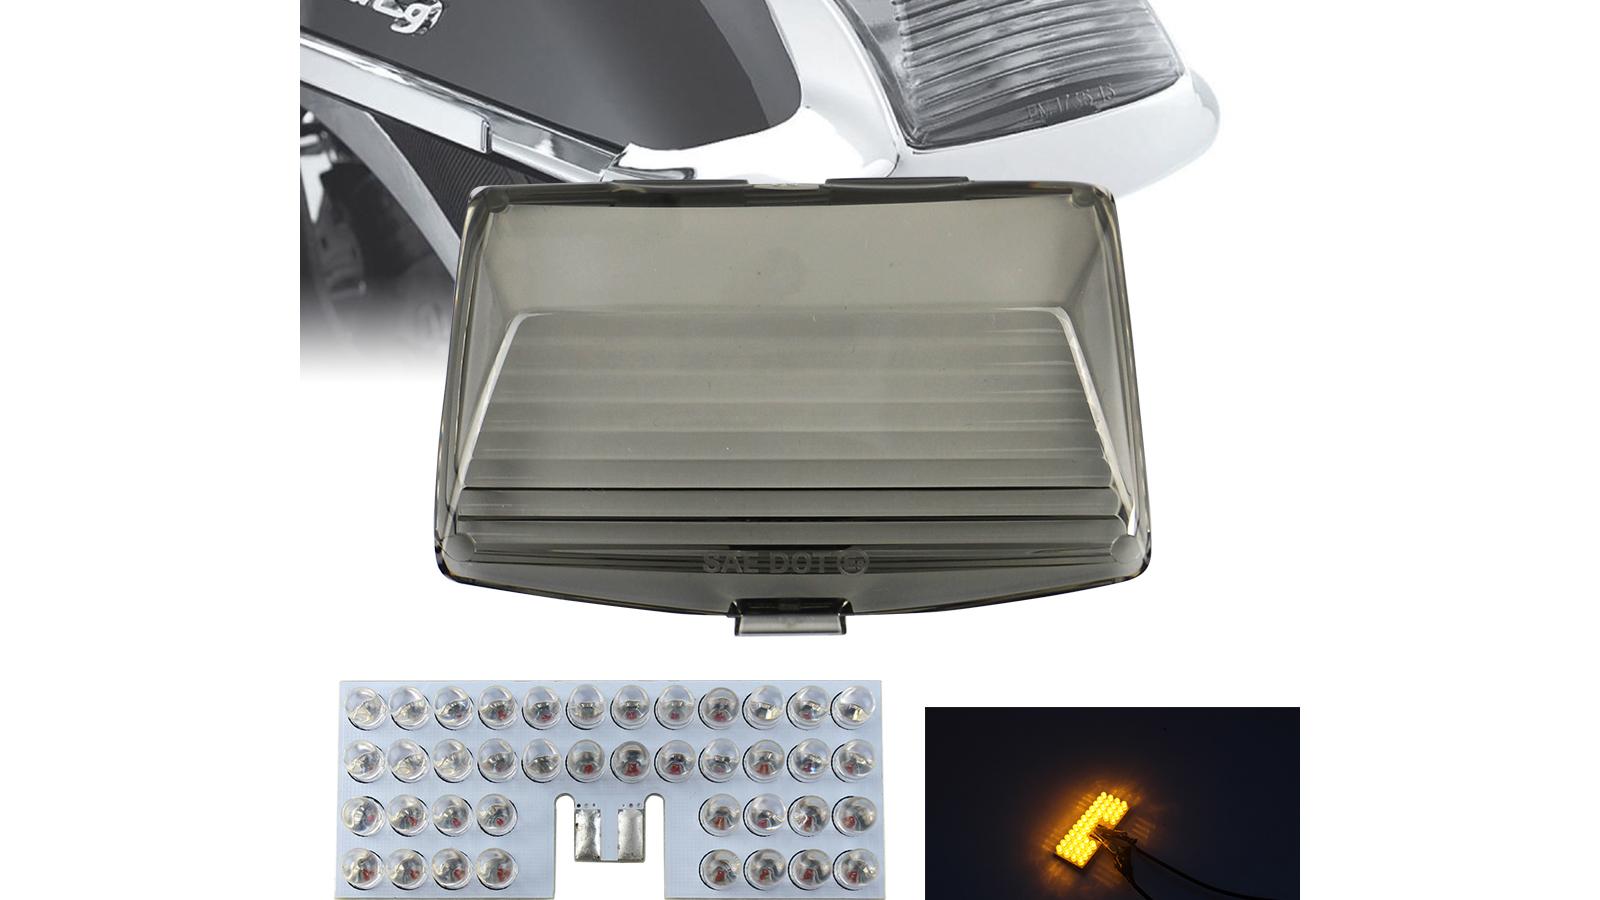 الاحترافية الجبهة LED درابزين تلميح ضوء ث / عدسة الدخان غطاء ل هارلي إلكترا الإنزلاق التراث سمينة المصنعين